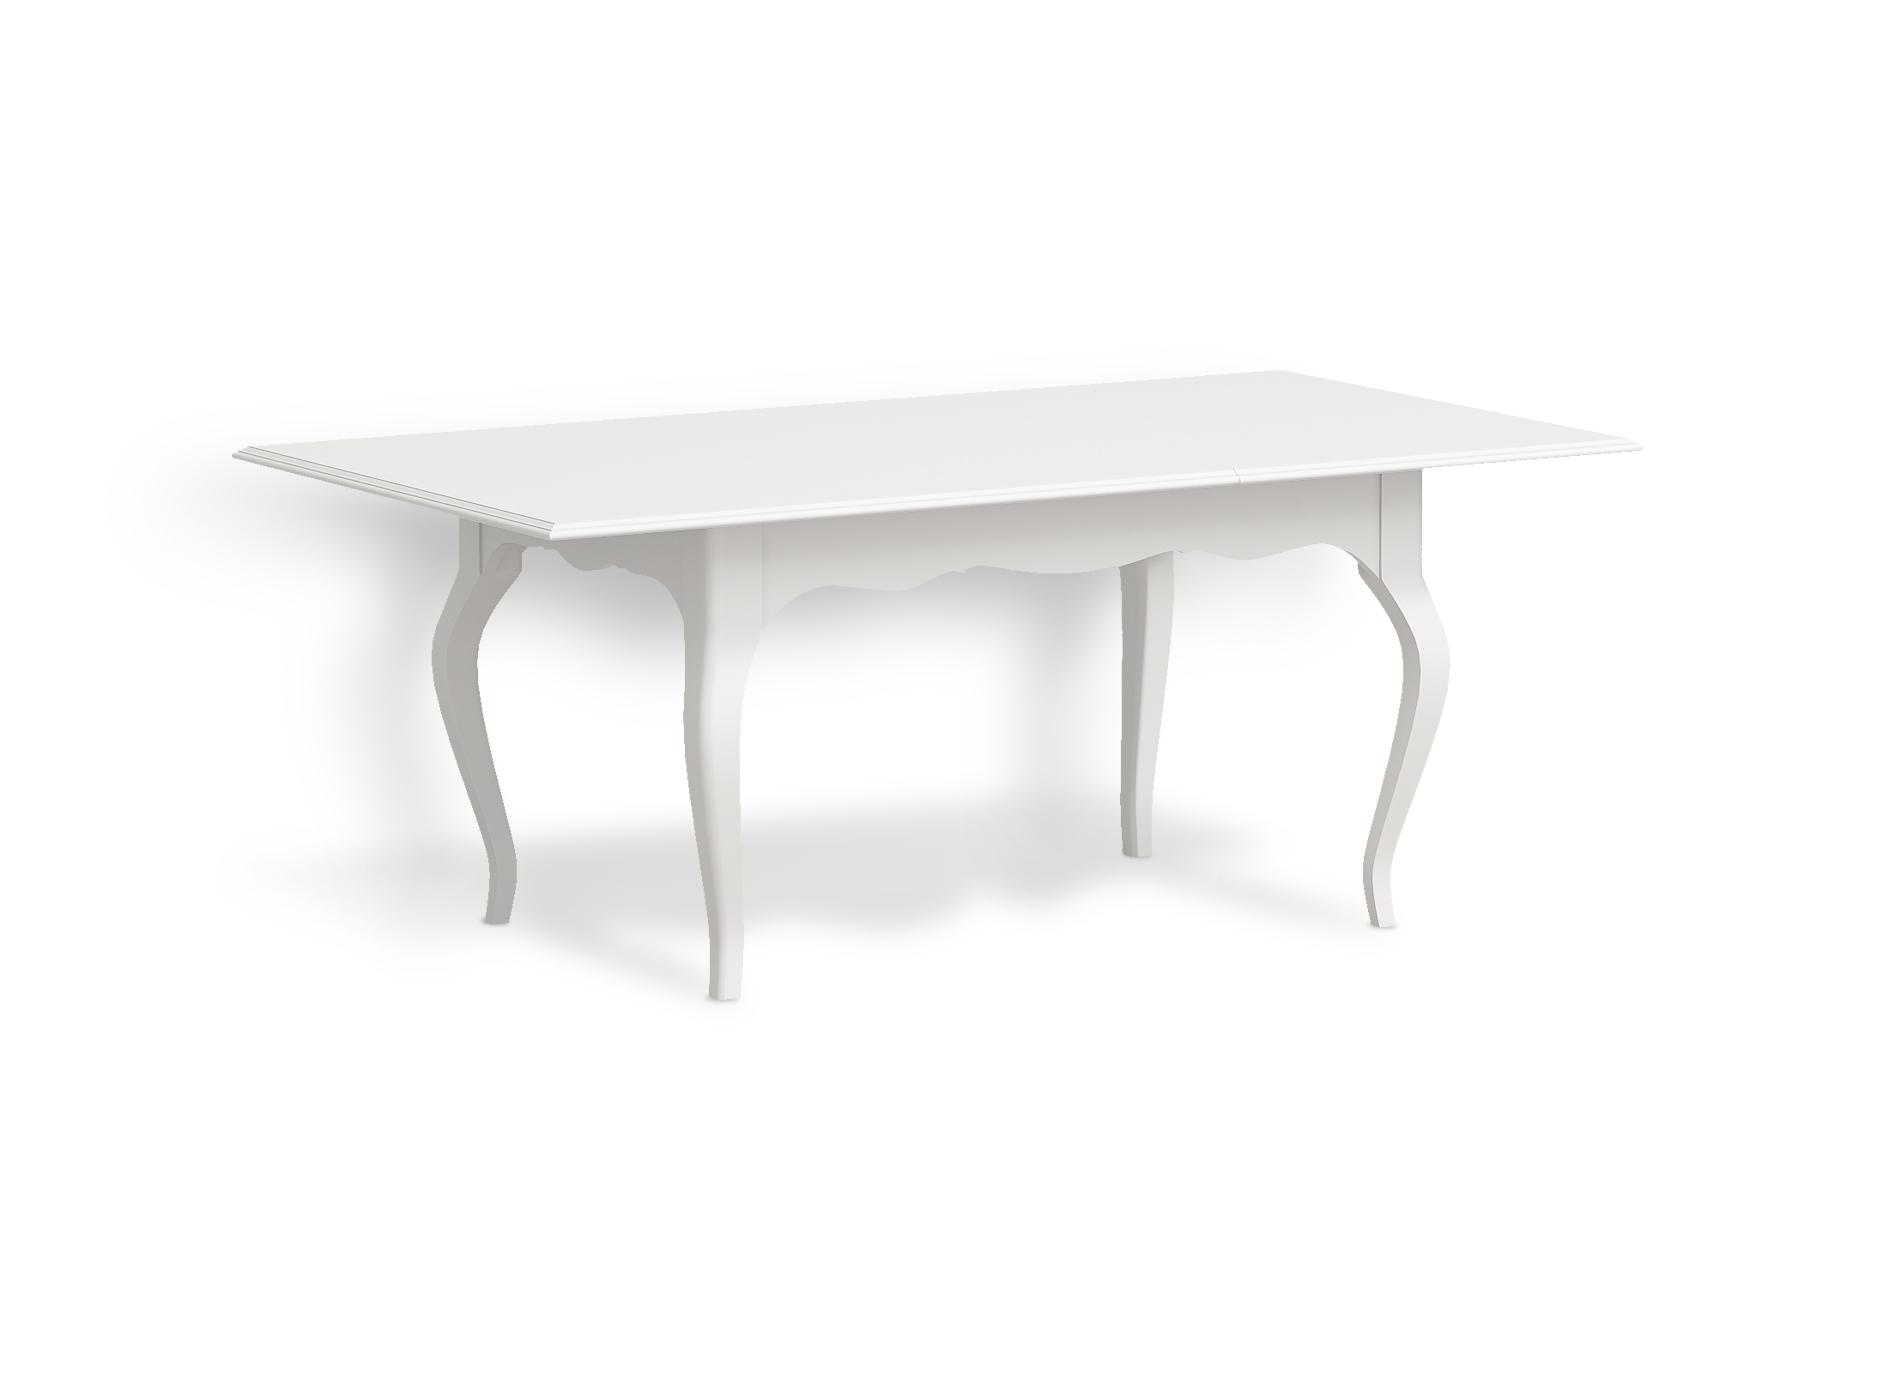 Стол раздвижной Снежный ПровансОбеденные столы<br>Белая мебель Прованс для гостиной, спальни, столовой, кабинета отлично впишется в Ваш загородный дом. Белая высококачественная мебель &amp;quot;Снежный Прованс&amp;quot; также может послужить в качестве обстановки детской комнаты подростка. Это функциональная удобная мебель европейского качества. Коллекция изготовлена из массива бука (каркасы и точеные элементы мебели) и из высококачественного МДФ (филенчатые части) и соответствует немецким стандартам для детской мебели.<br>Мебель &amp;quot;Снежный Прованс&amp;quot; имеет плавные изогнутые формы и украшена потертым вручную декором в виде оливковой ветви.&amp;lt;div&amp;gt;&amp;lt;br&amp;gt;&amp;lt;/div&amp;gt;&amp;lt;div&amp;gt;Размер столешницы в раздвинутом виде 197Х106 см.&amp;lt;/div&amp;gt;<br><br>Material: Бук<br>Length см: None<br>Width см: 152<br>Depth см: 106<br>Height см: 77.6<br>Diameter см: None